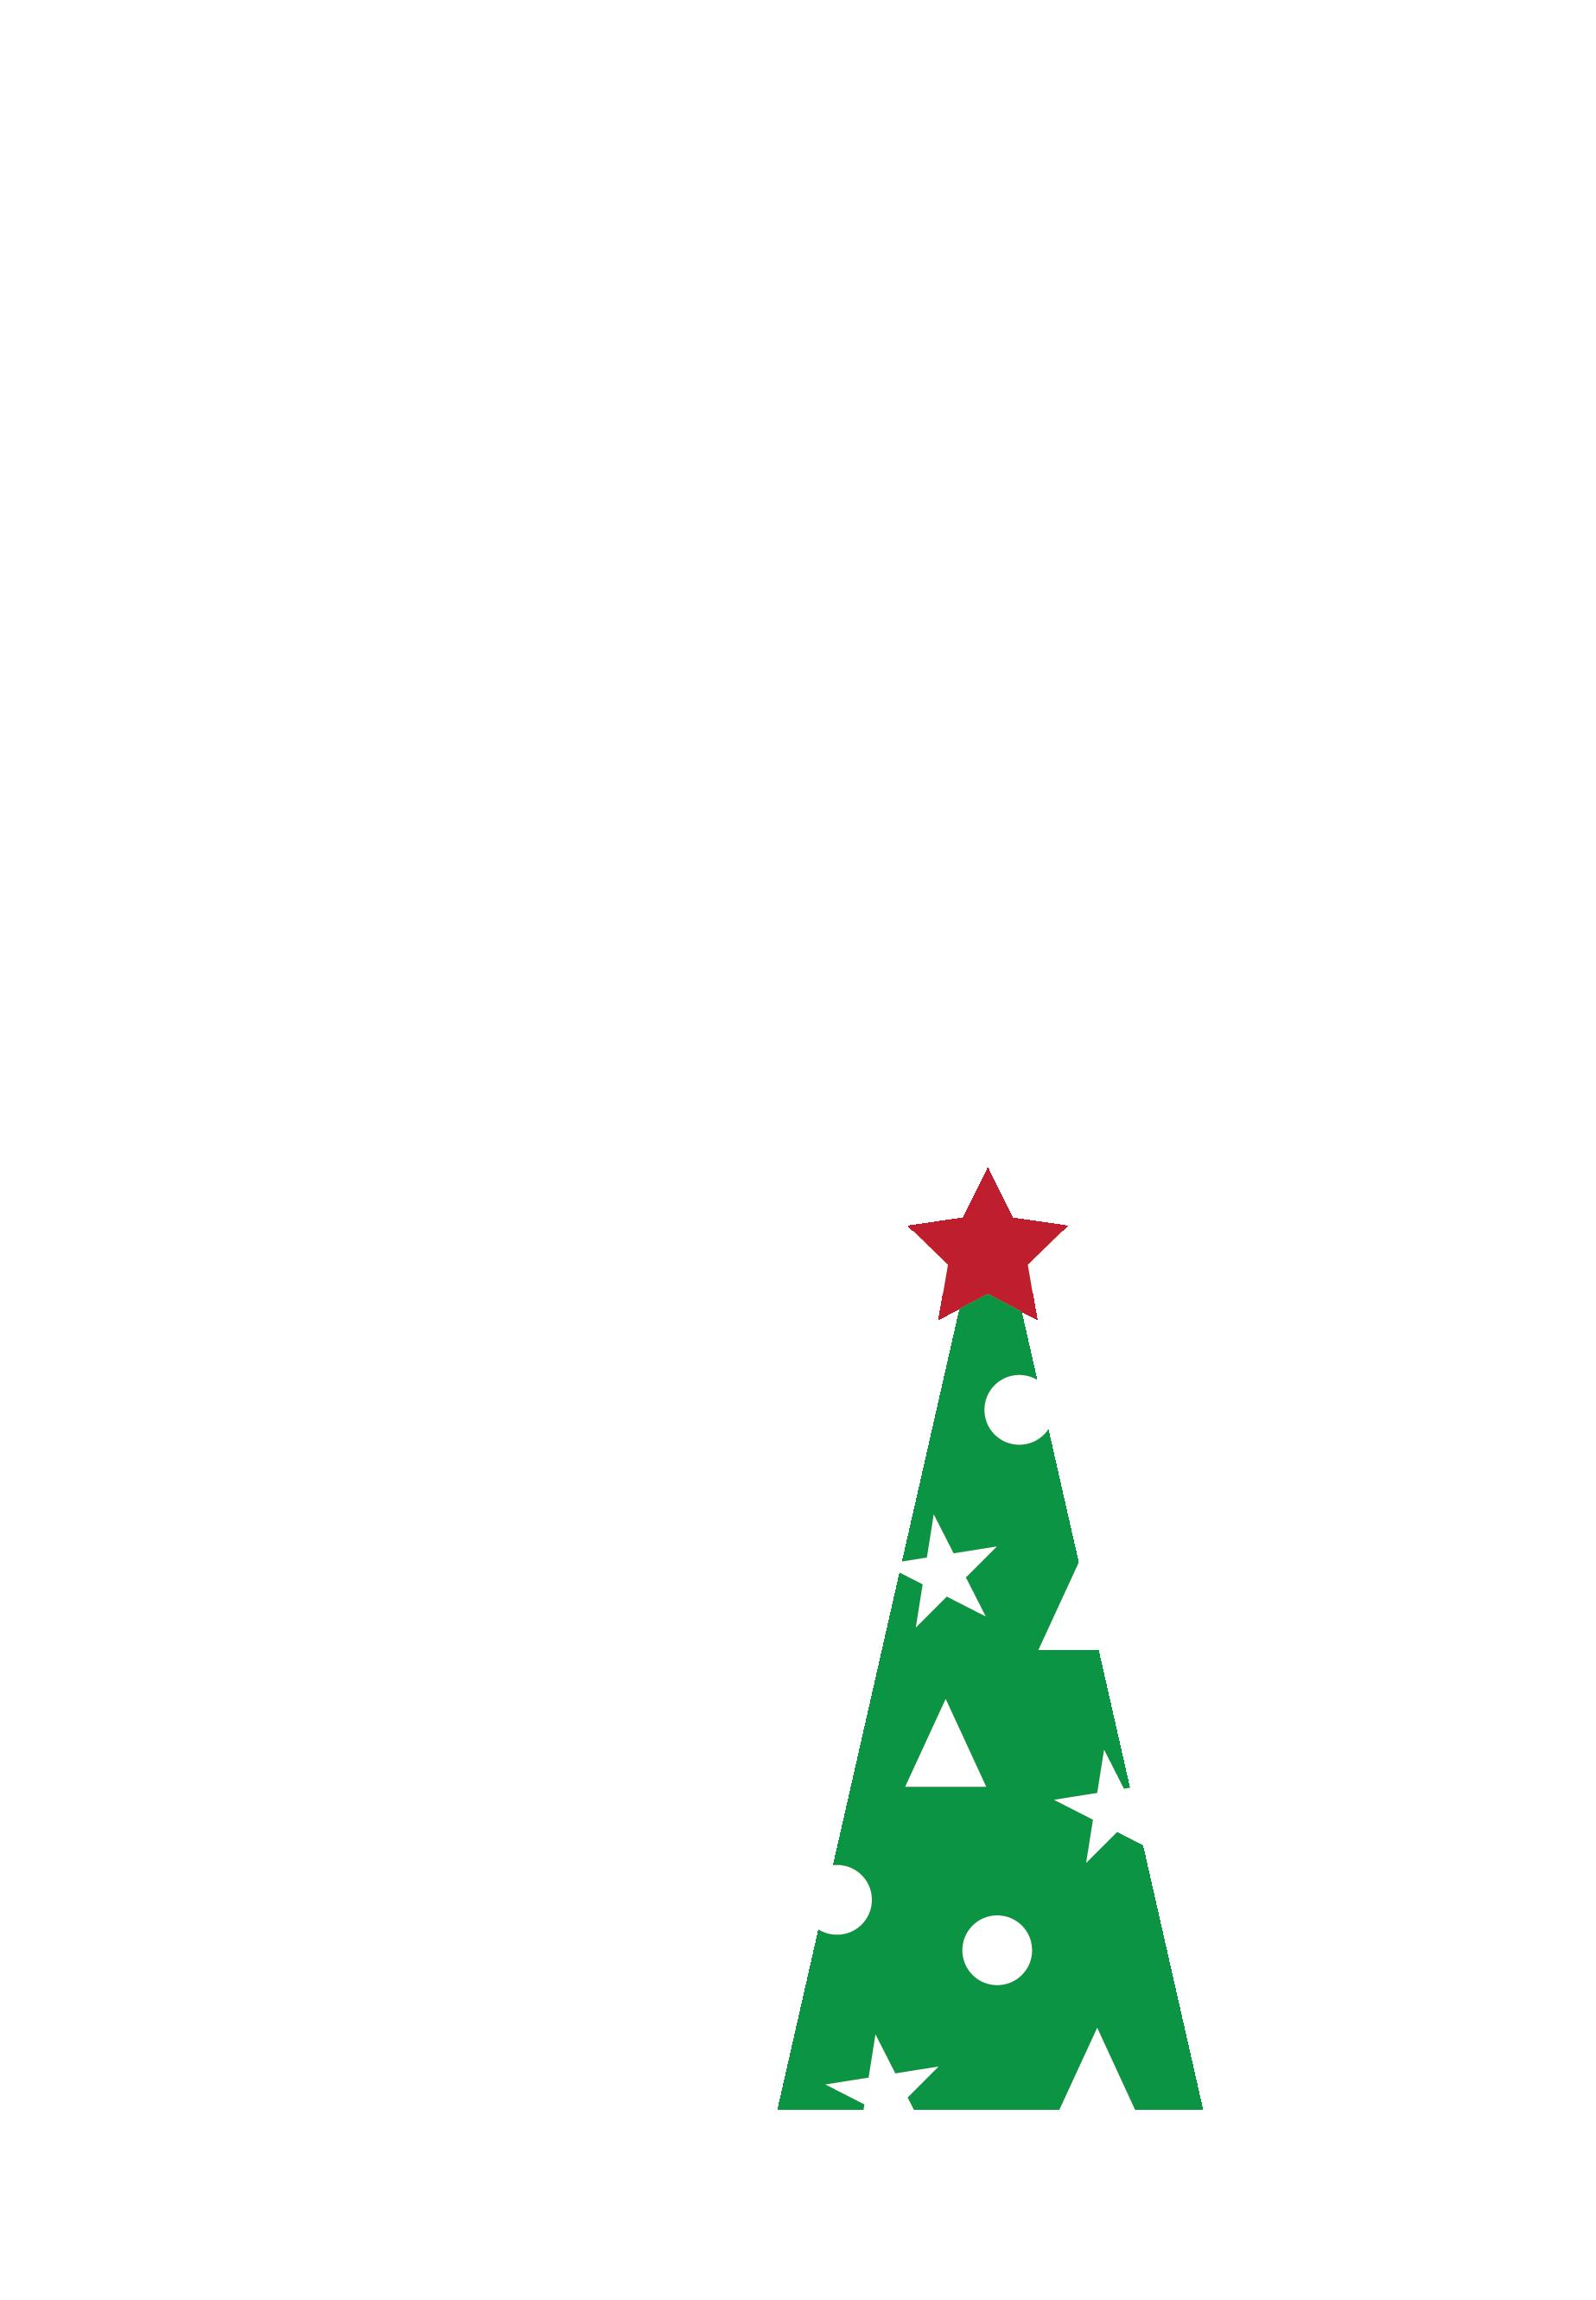 Holiday KidsPlay_white_large.png